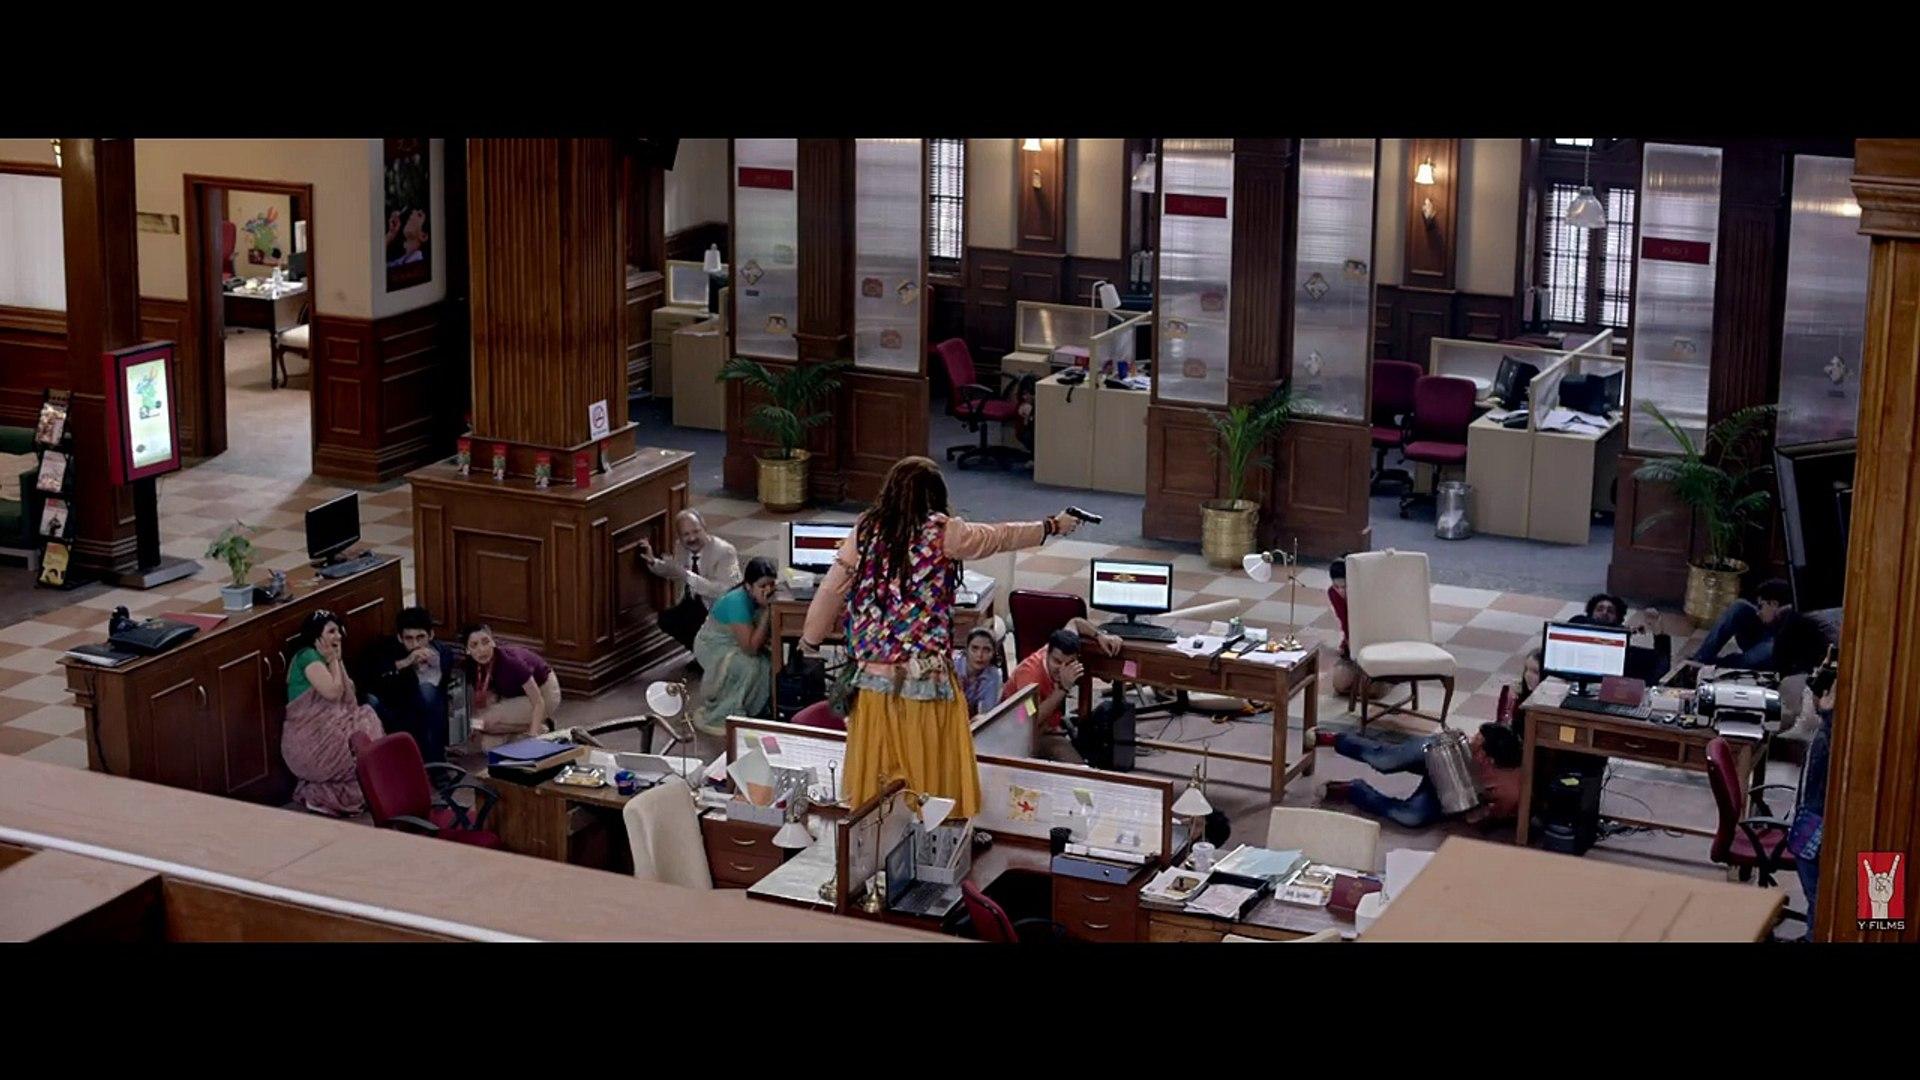 Bank Chor - Movie - Riteish Deshmukh - Vivek Anand Oberoi - Rhea Chakraborty